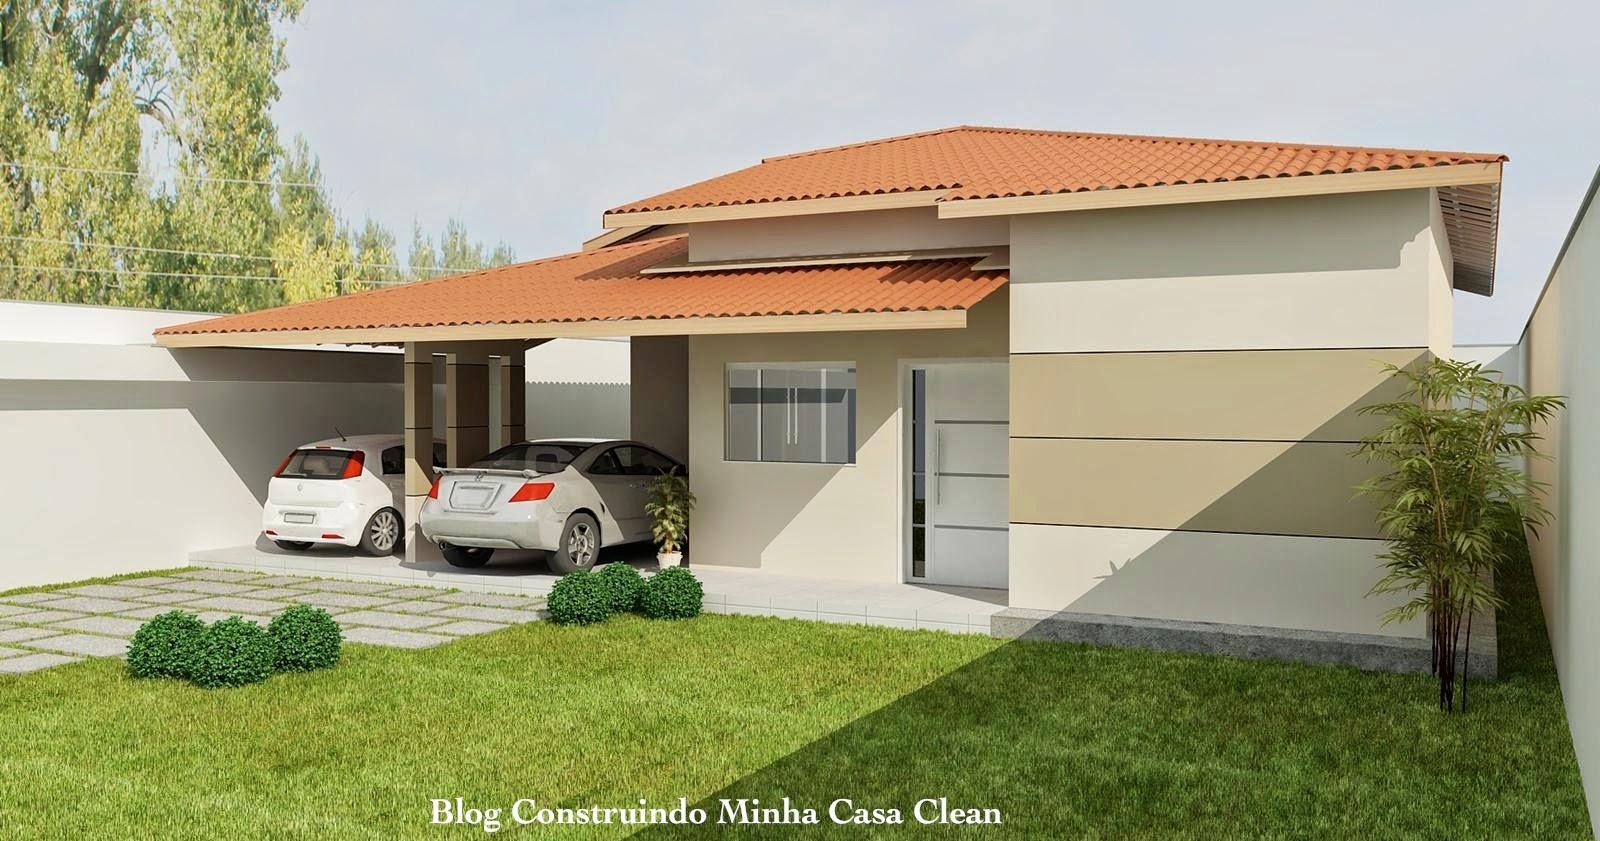 Construindo minha casa clean fachadas de casas t rreas pequenas com garagem for Casas modernas para construir